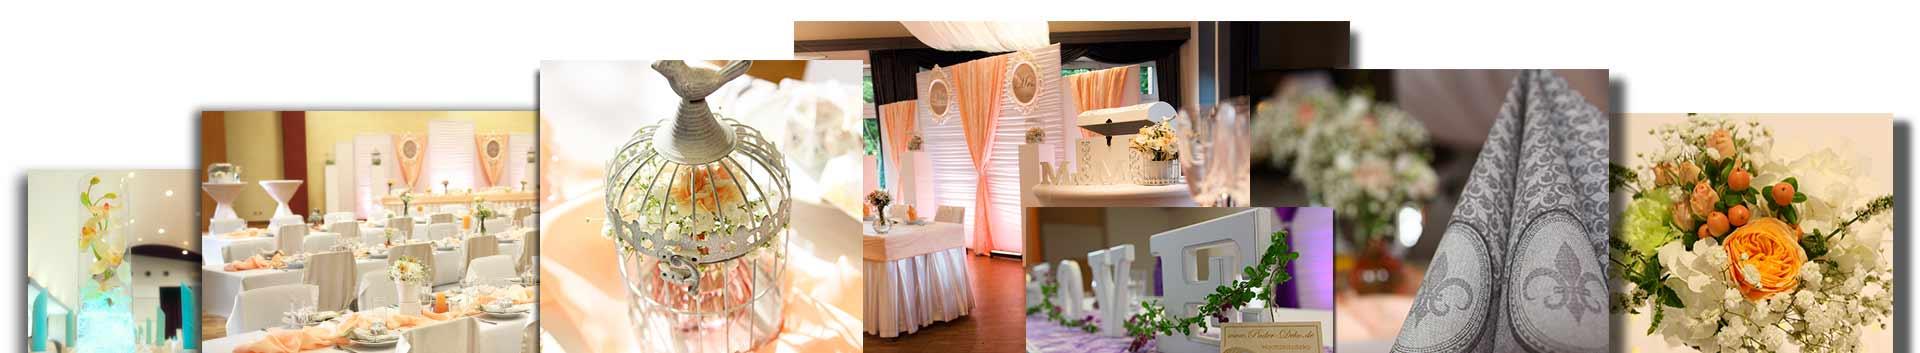 Collage Footer Hochzeitsdeko Pader-Deko Hochzeitsdekoration